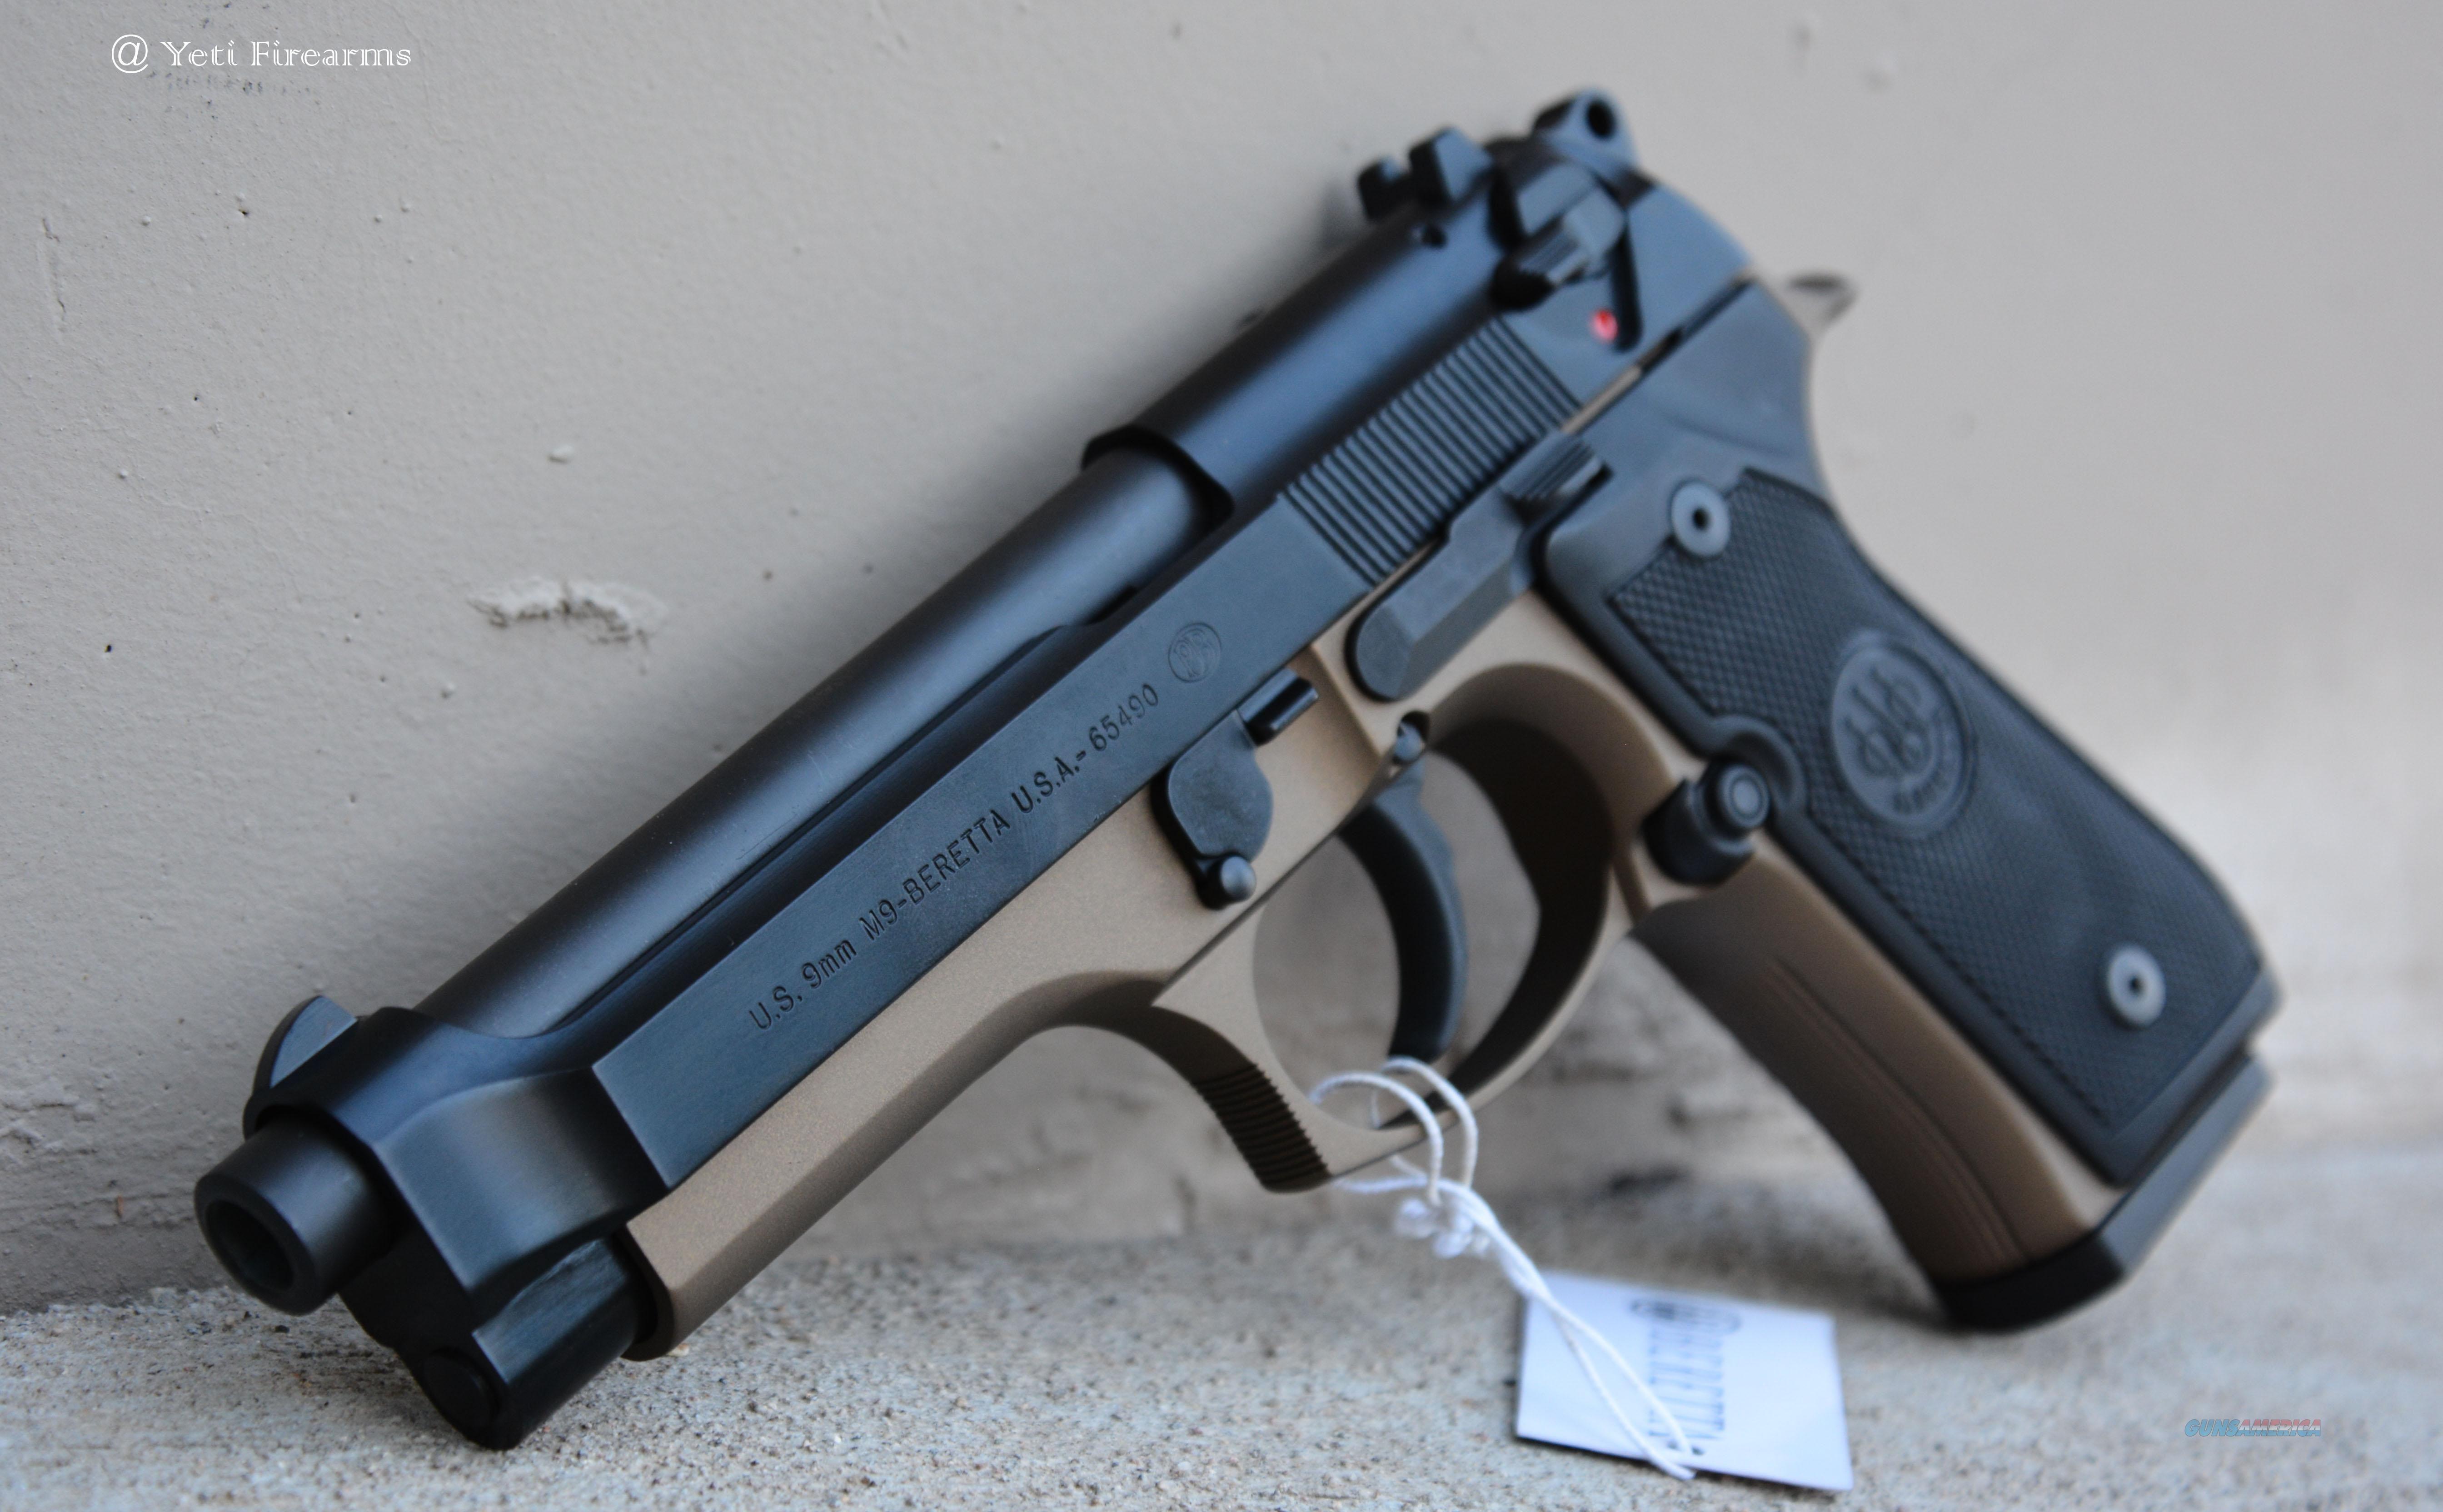 X-Werks Beretta M9 9mm Burnt Bronze No CC Fee Guns > Pistols